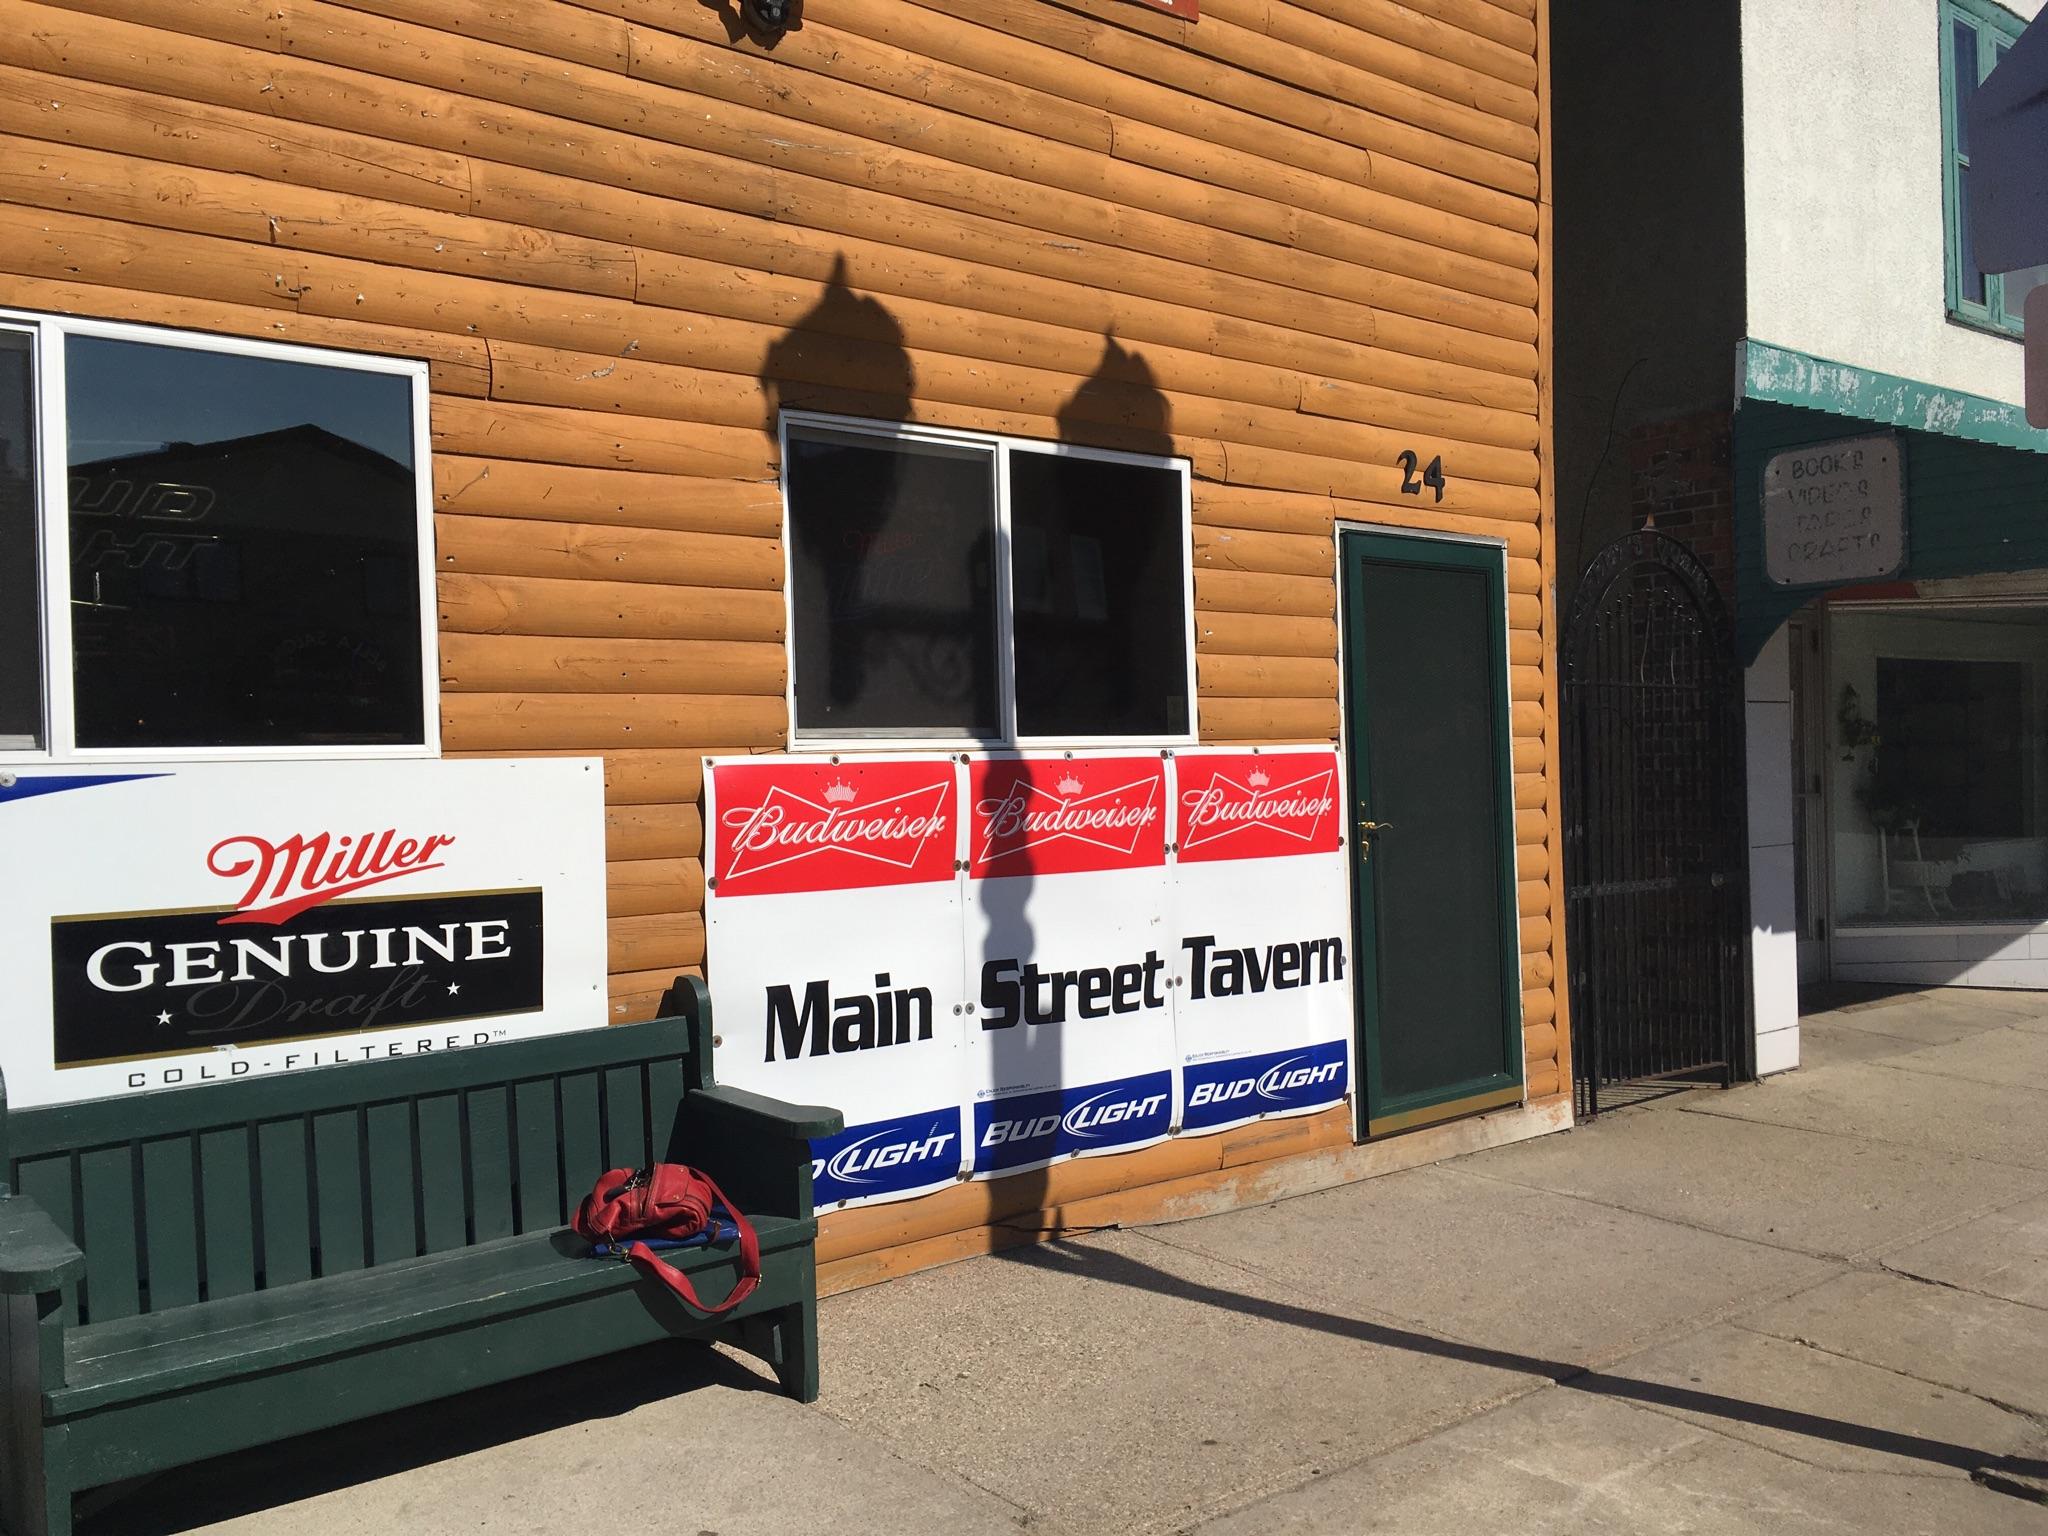 Mainstreet Tavern